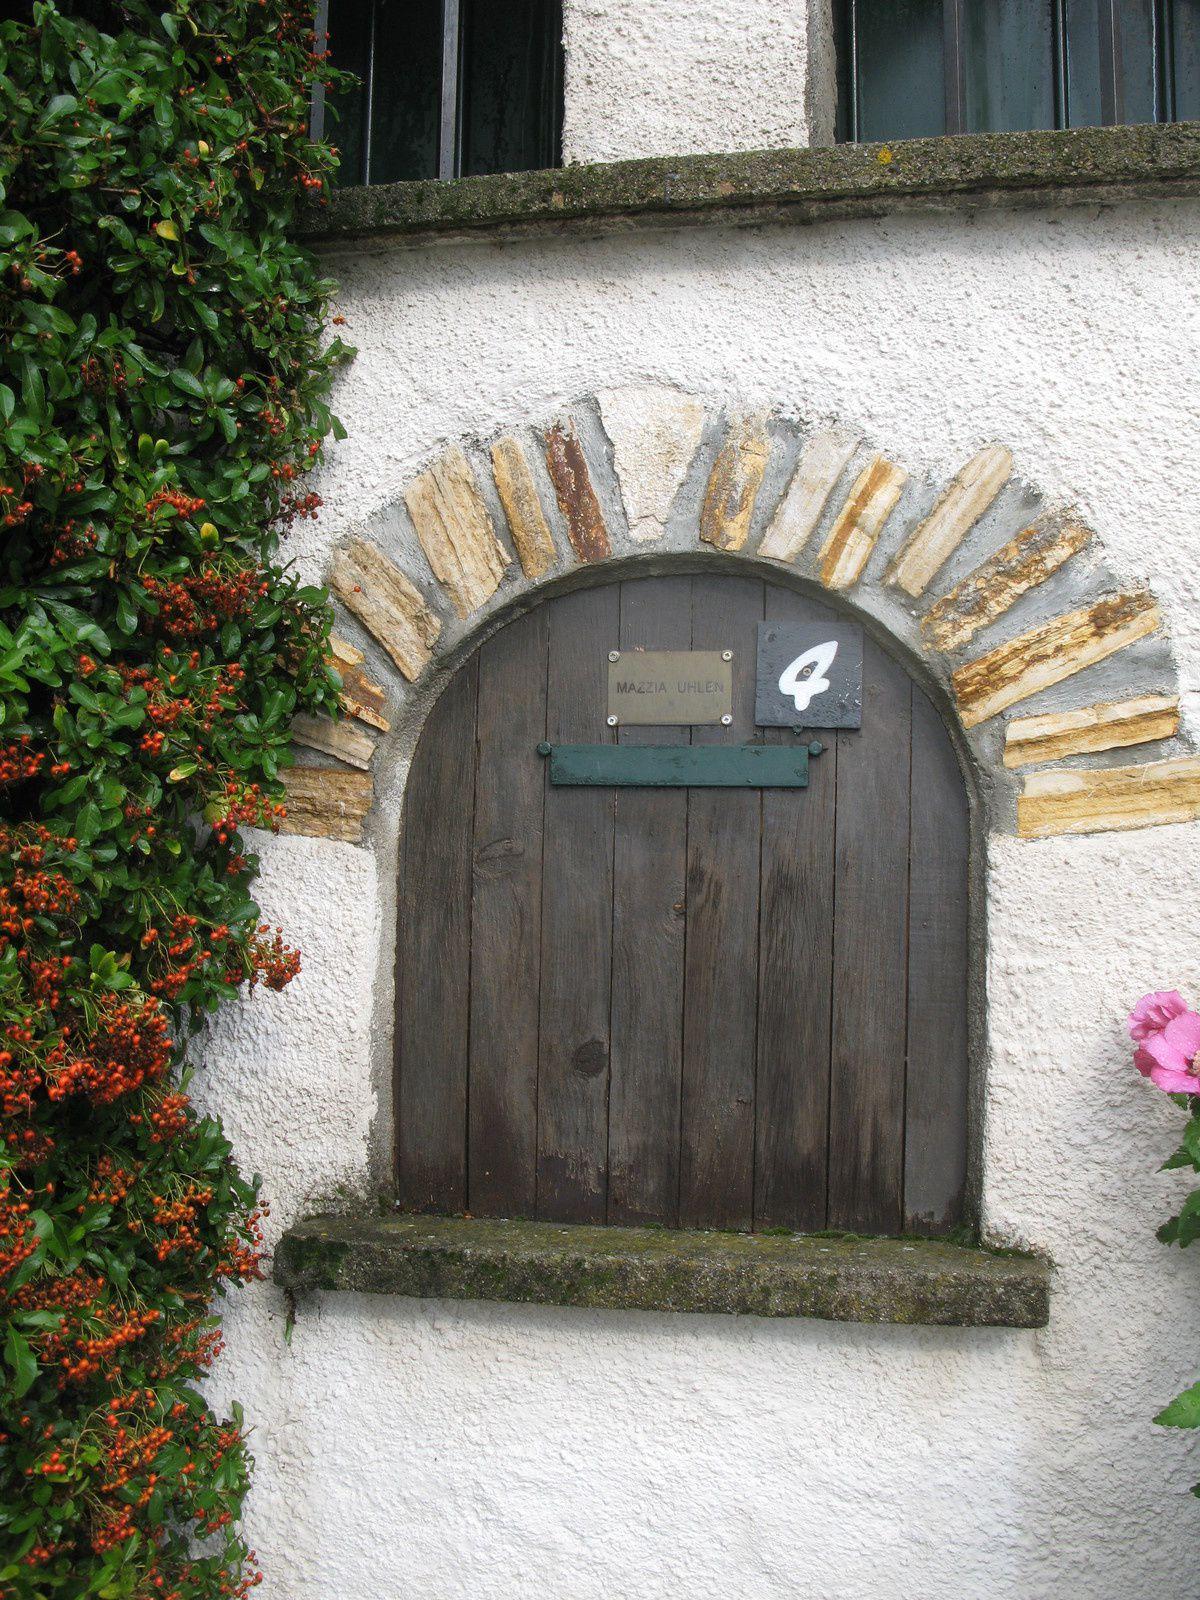 les boites aux lettres de Pignols Auvergne sur charlotteblabla blog*